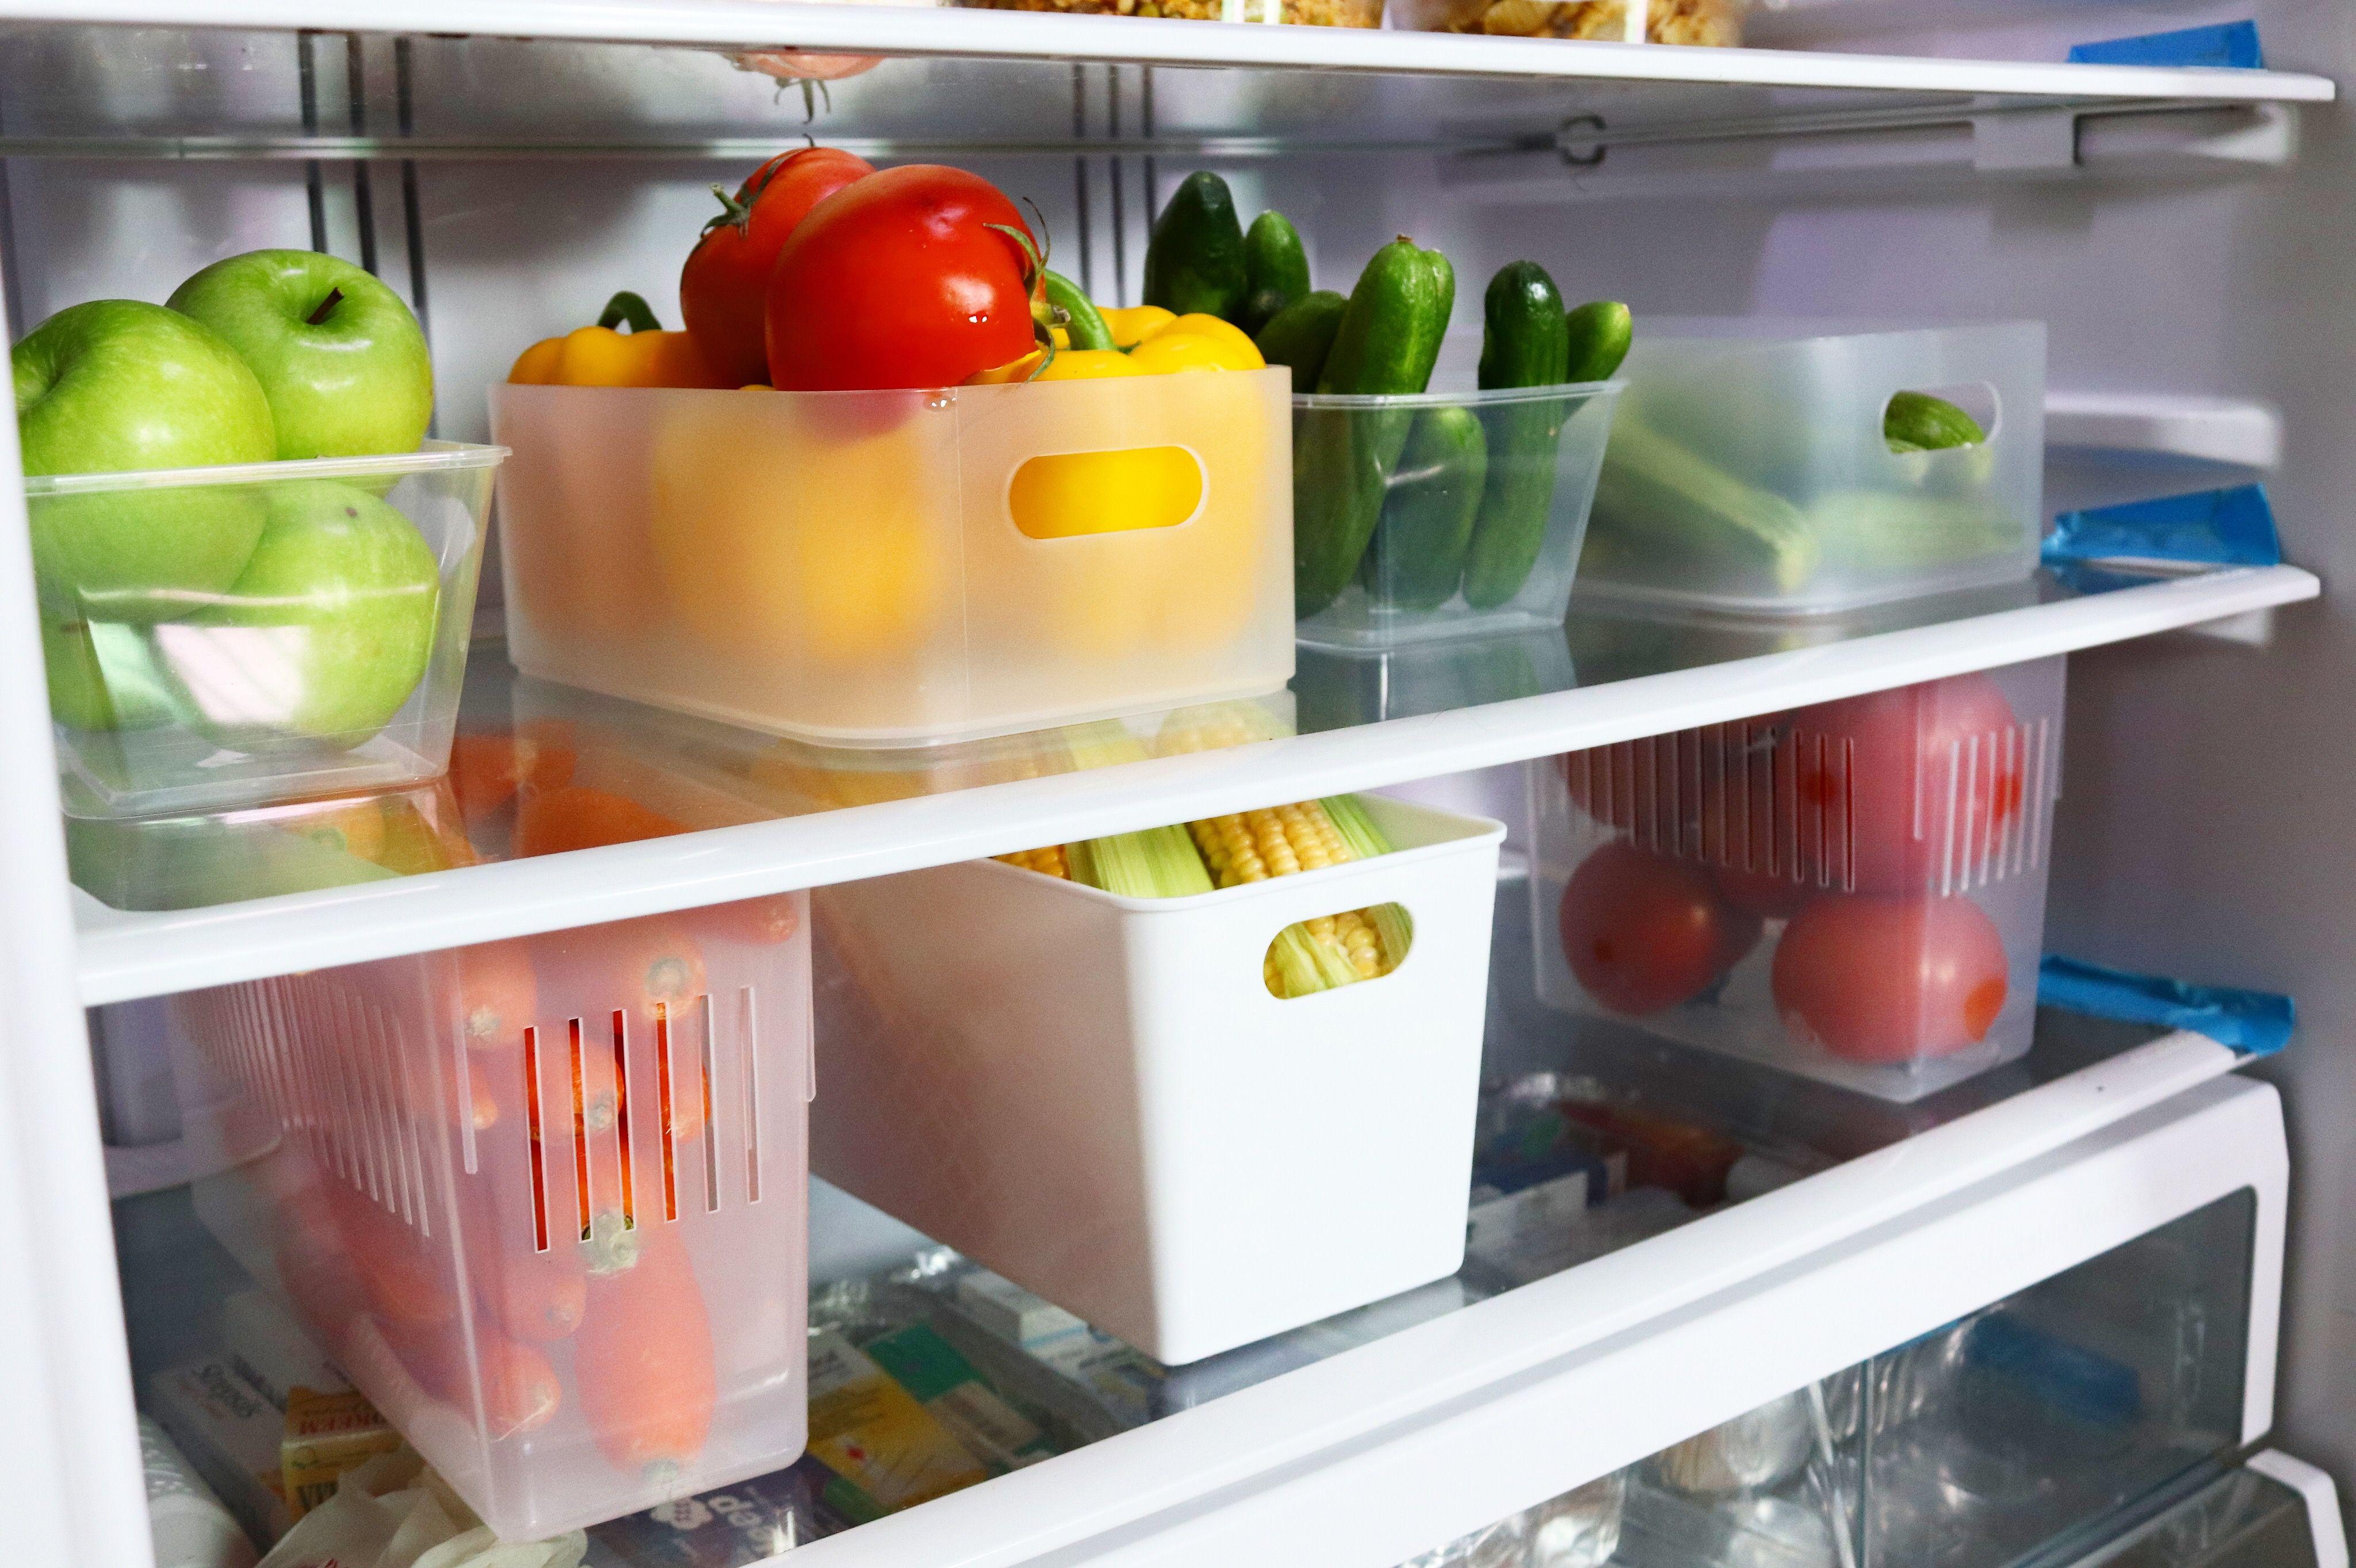 فيديو ترتيب و تنظيف الثلاجة